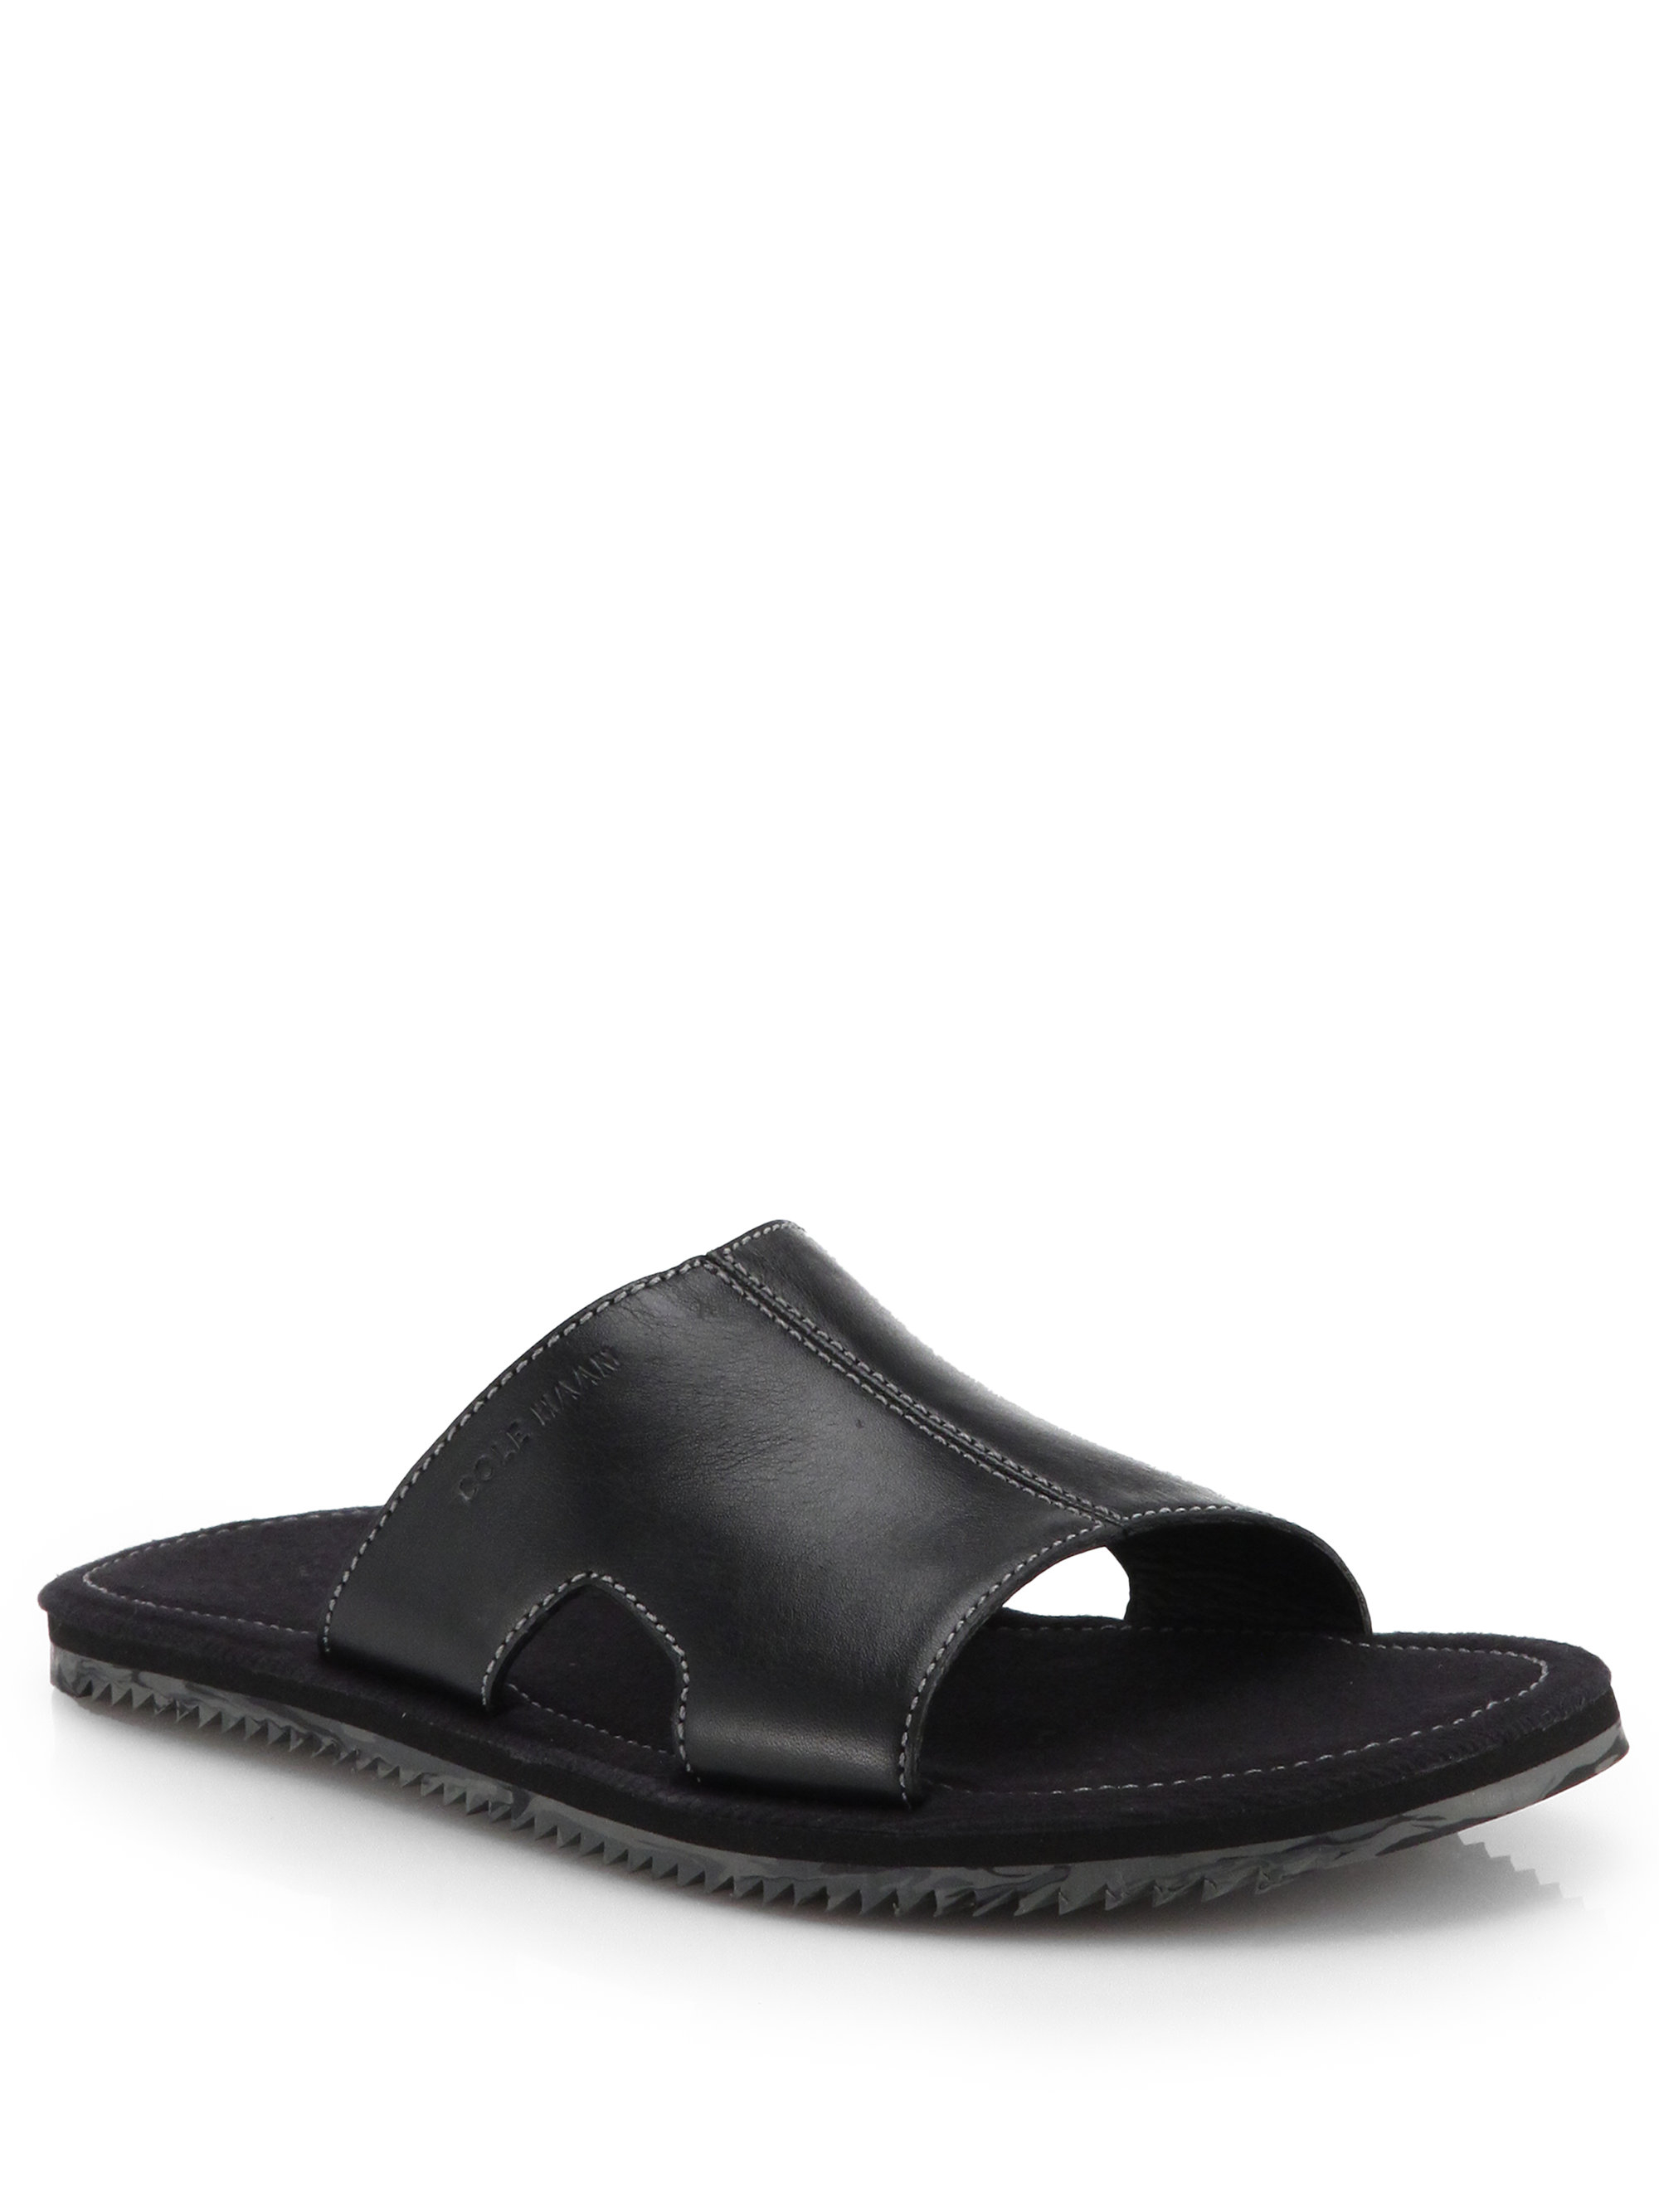 85cf3f790b75 Lyst - Cole Haan Meyer Slide Sandals in Black for Men